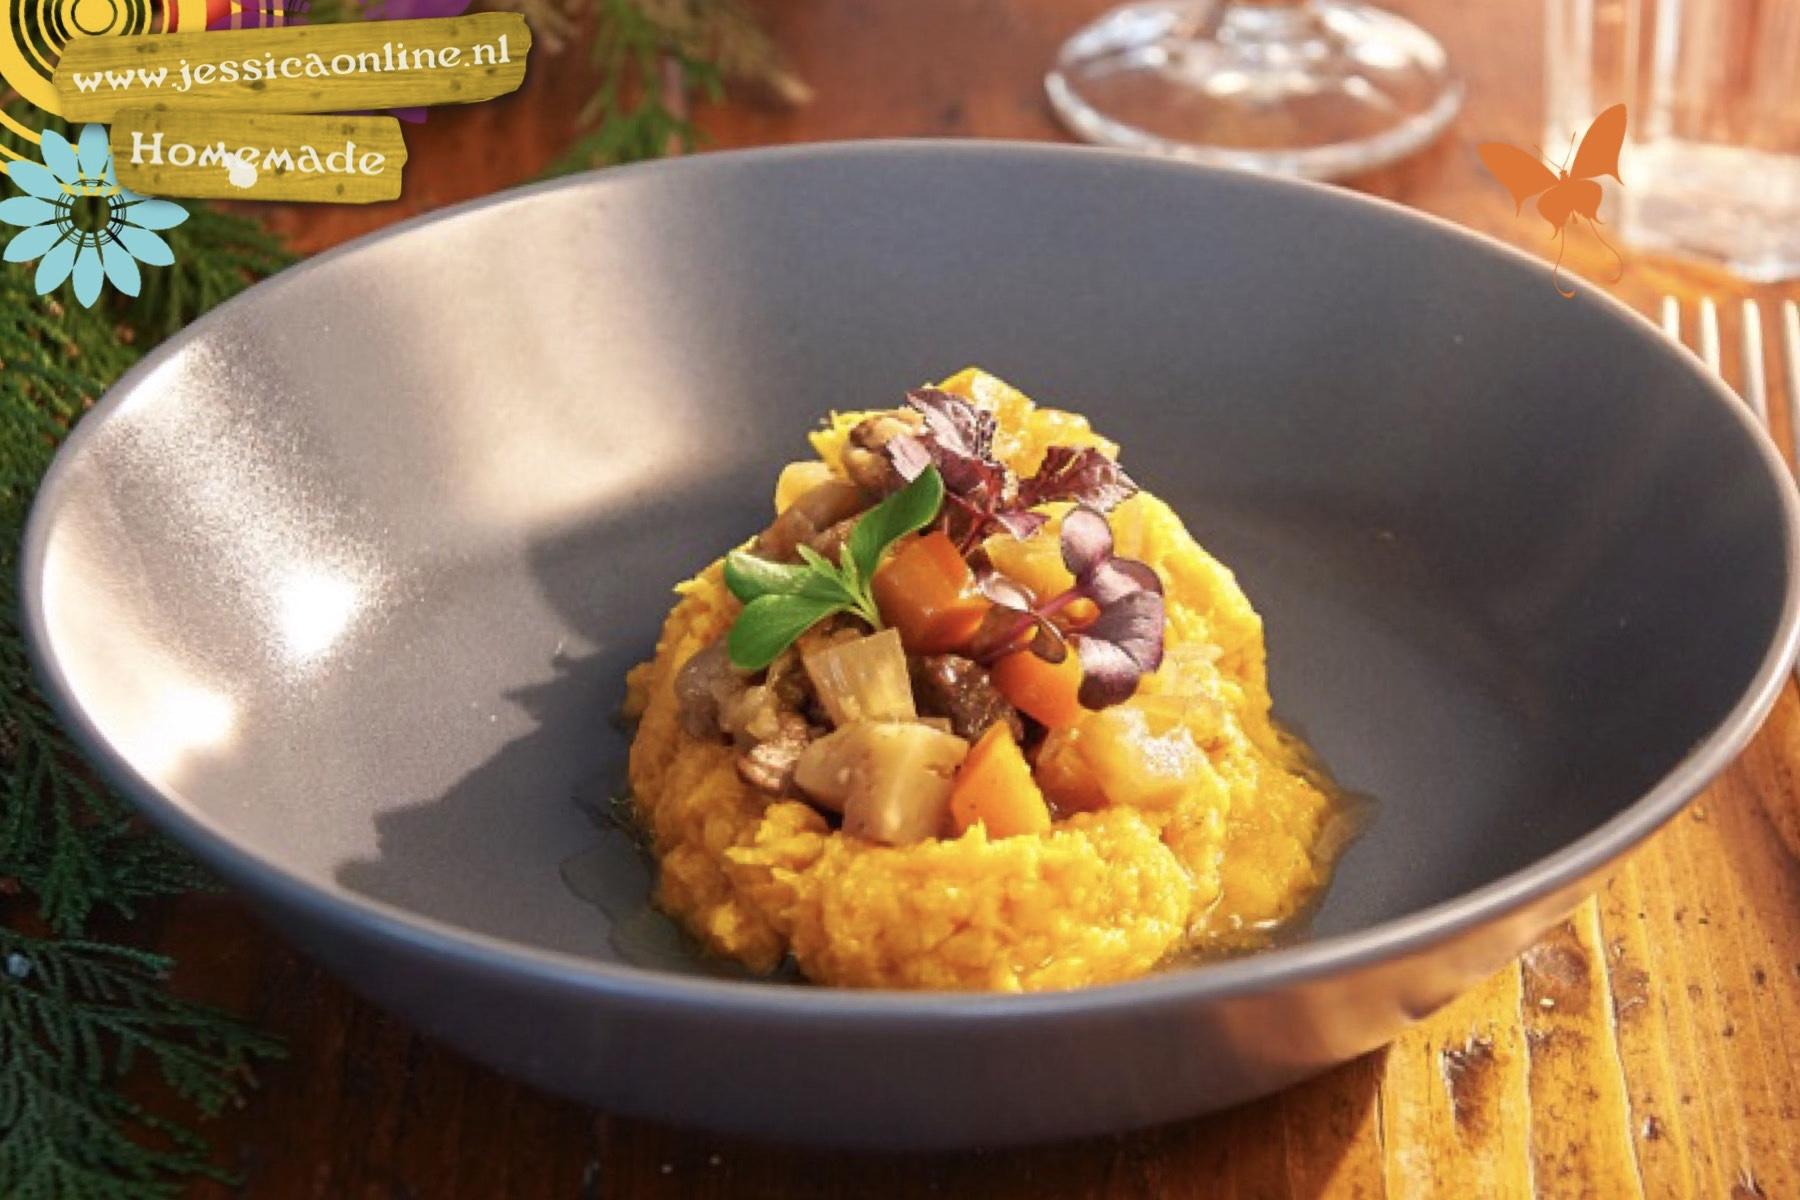 Zoete aardappel puree met Stoofschotel